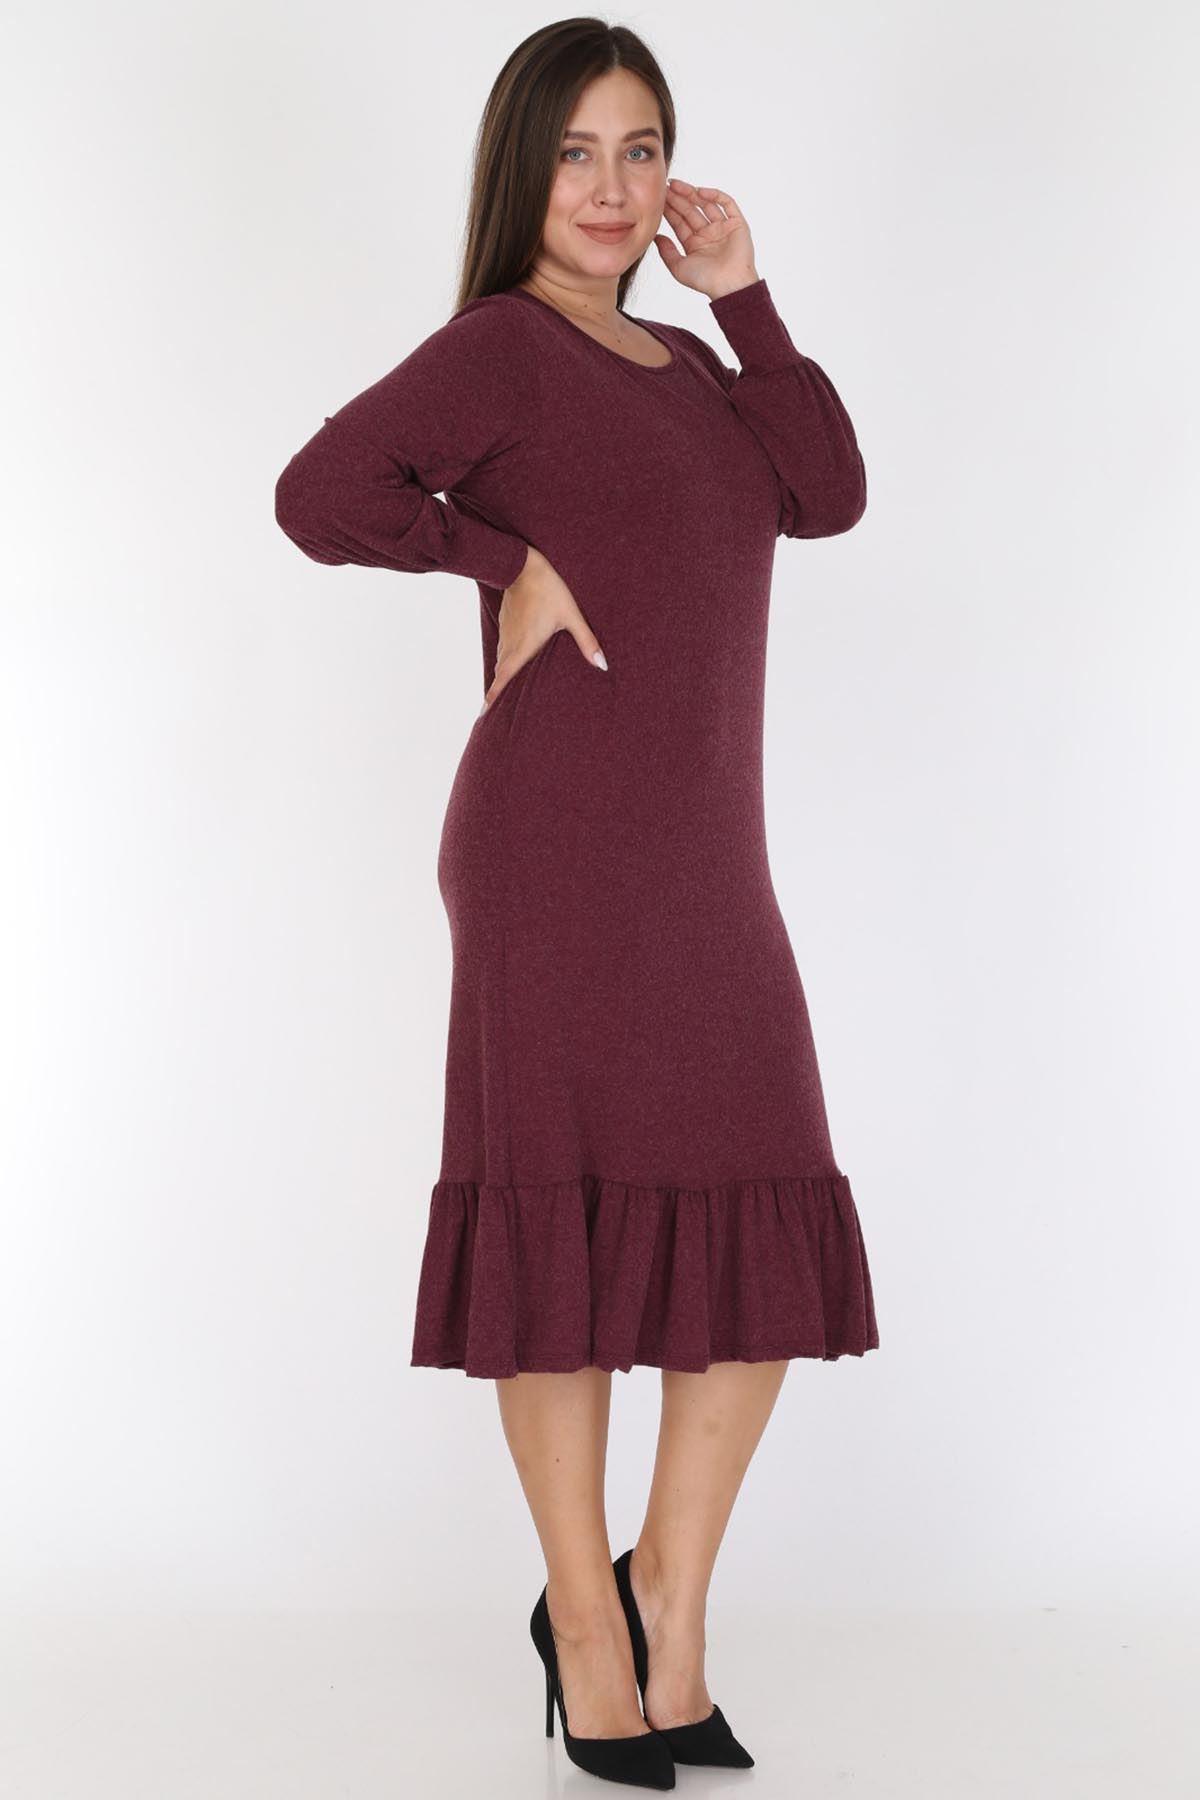 Bordo Eteği Fırfırlı Elbise 16E-0785